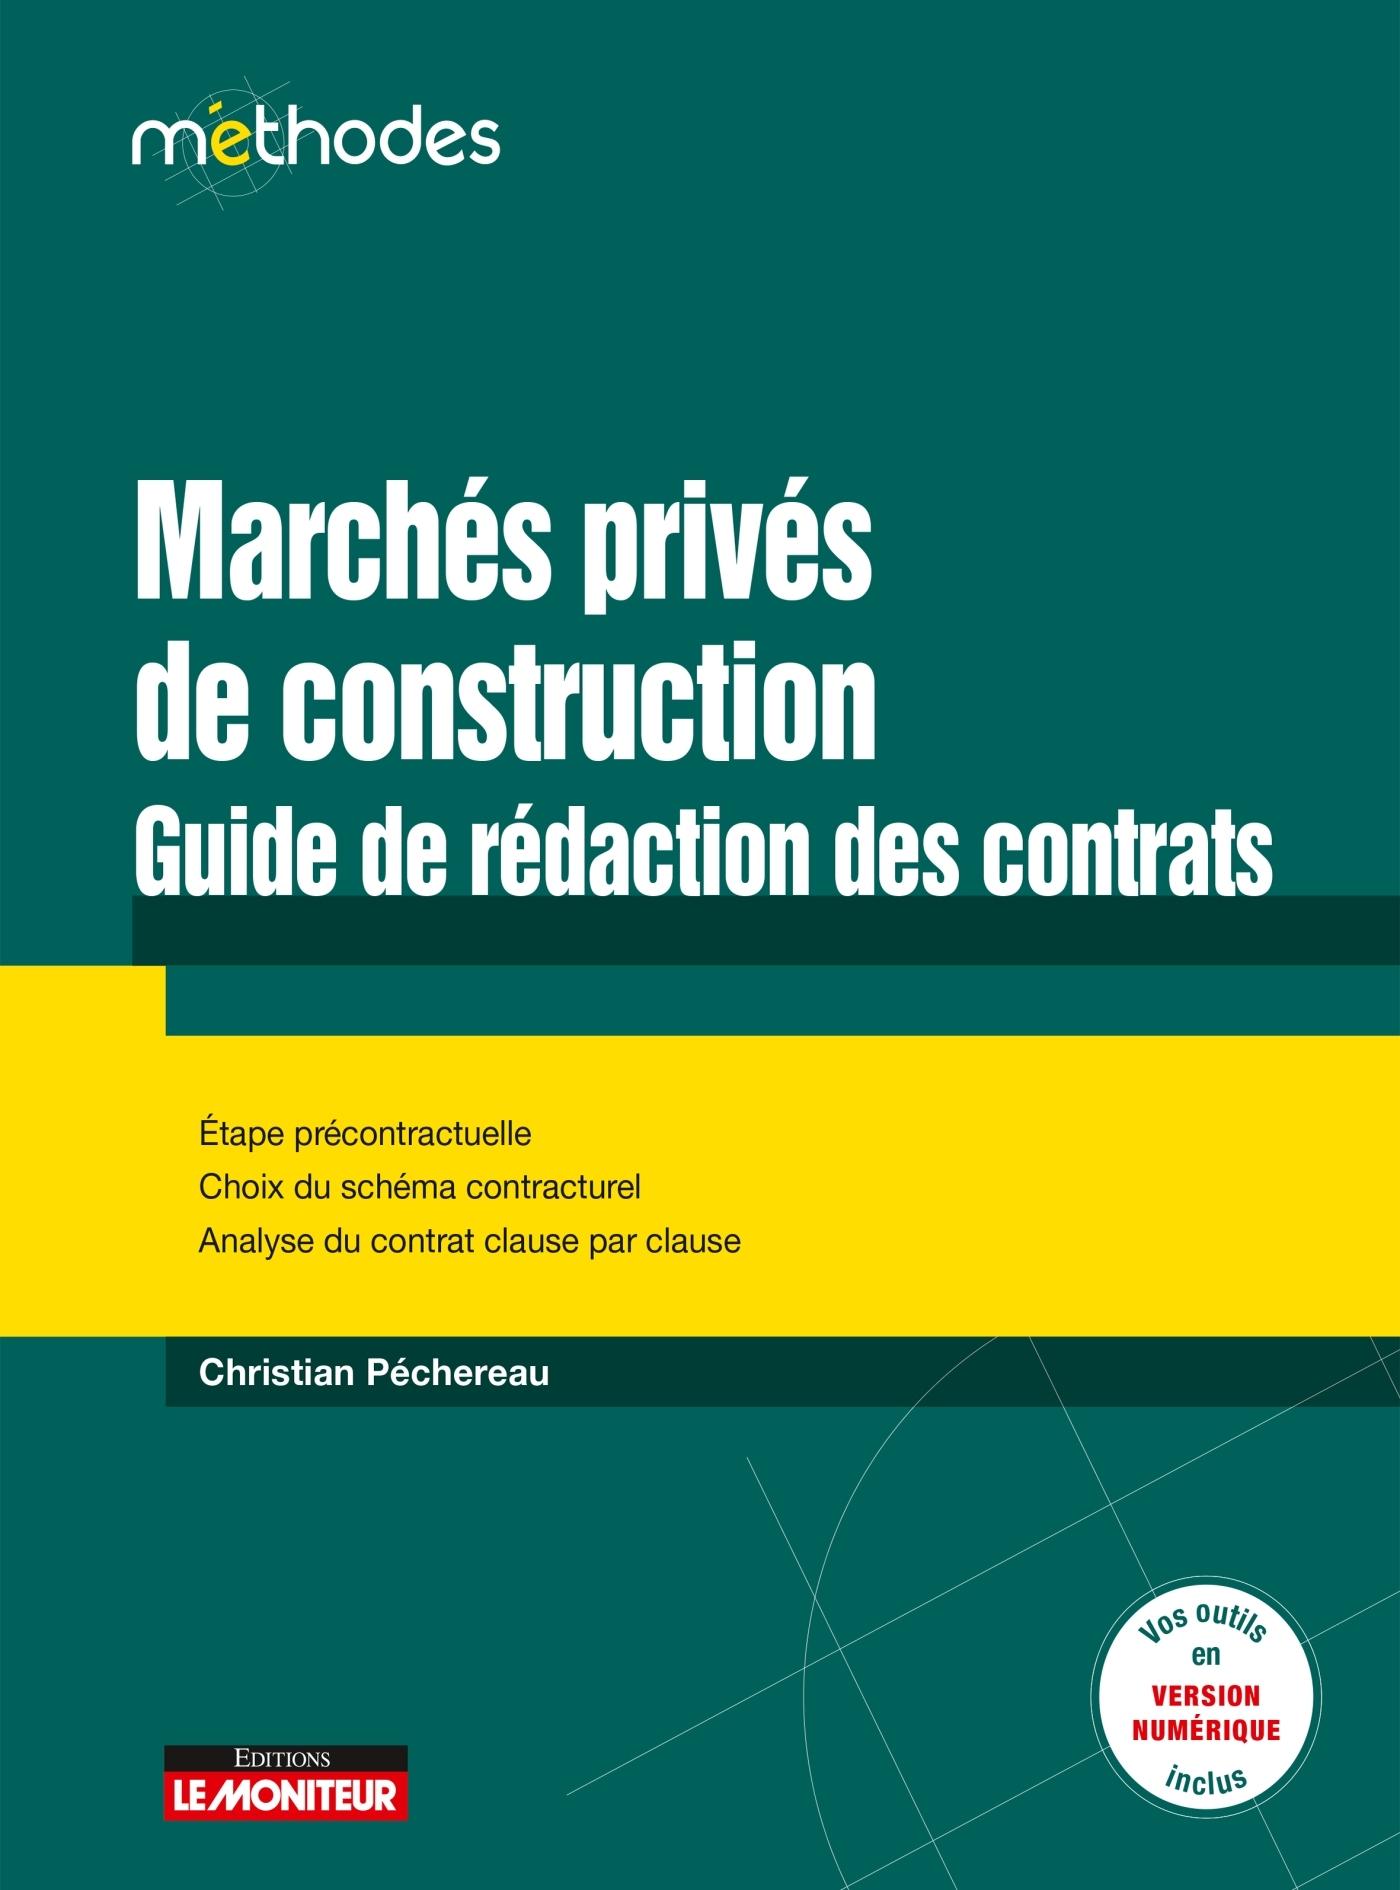 MARCHES PRIVES DE CONSTRUCTION : GUIDE DE REDACTION DES CONTRATS - ETAPES PRECONTRACTUELLE - CHOIRX